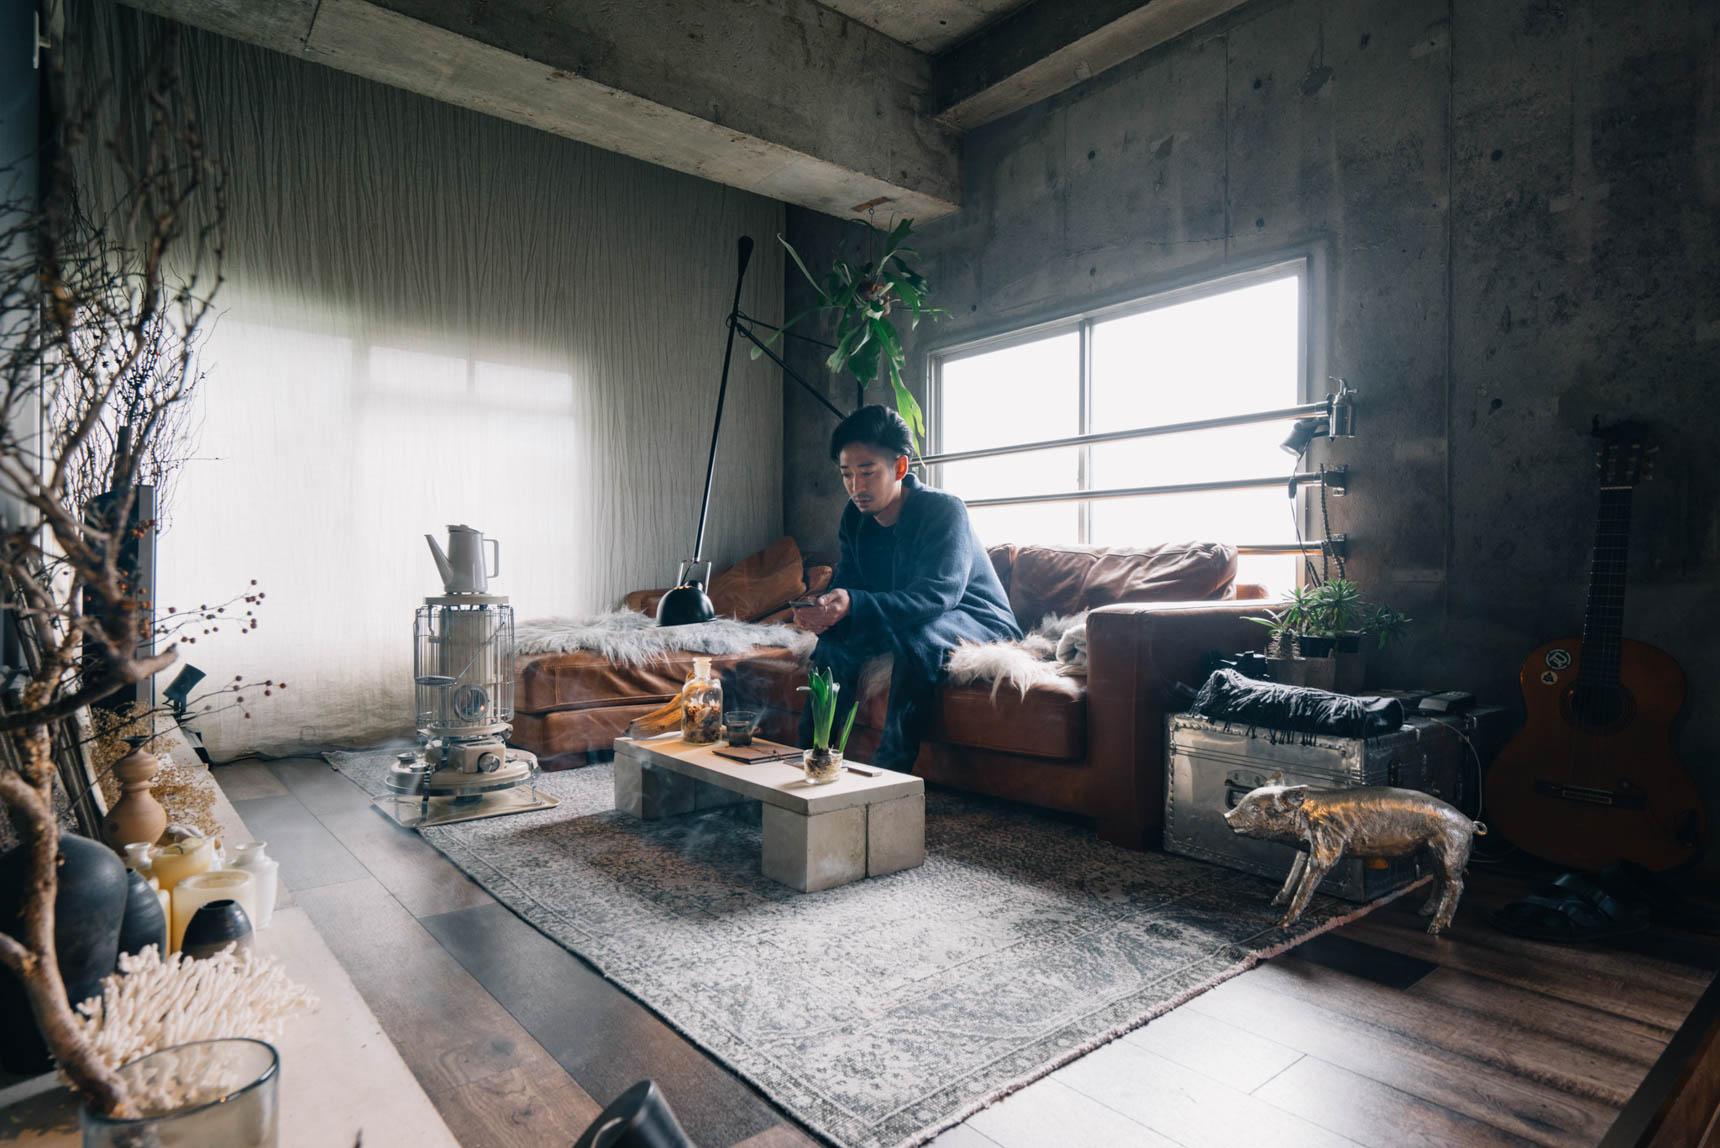 印象的な革のソファはクラッシュゲートのもの。カーテンは窓の大きさに合わせず、あえて天井から布を吊るし、空間に広がりを持たせています。